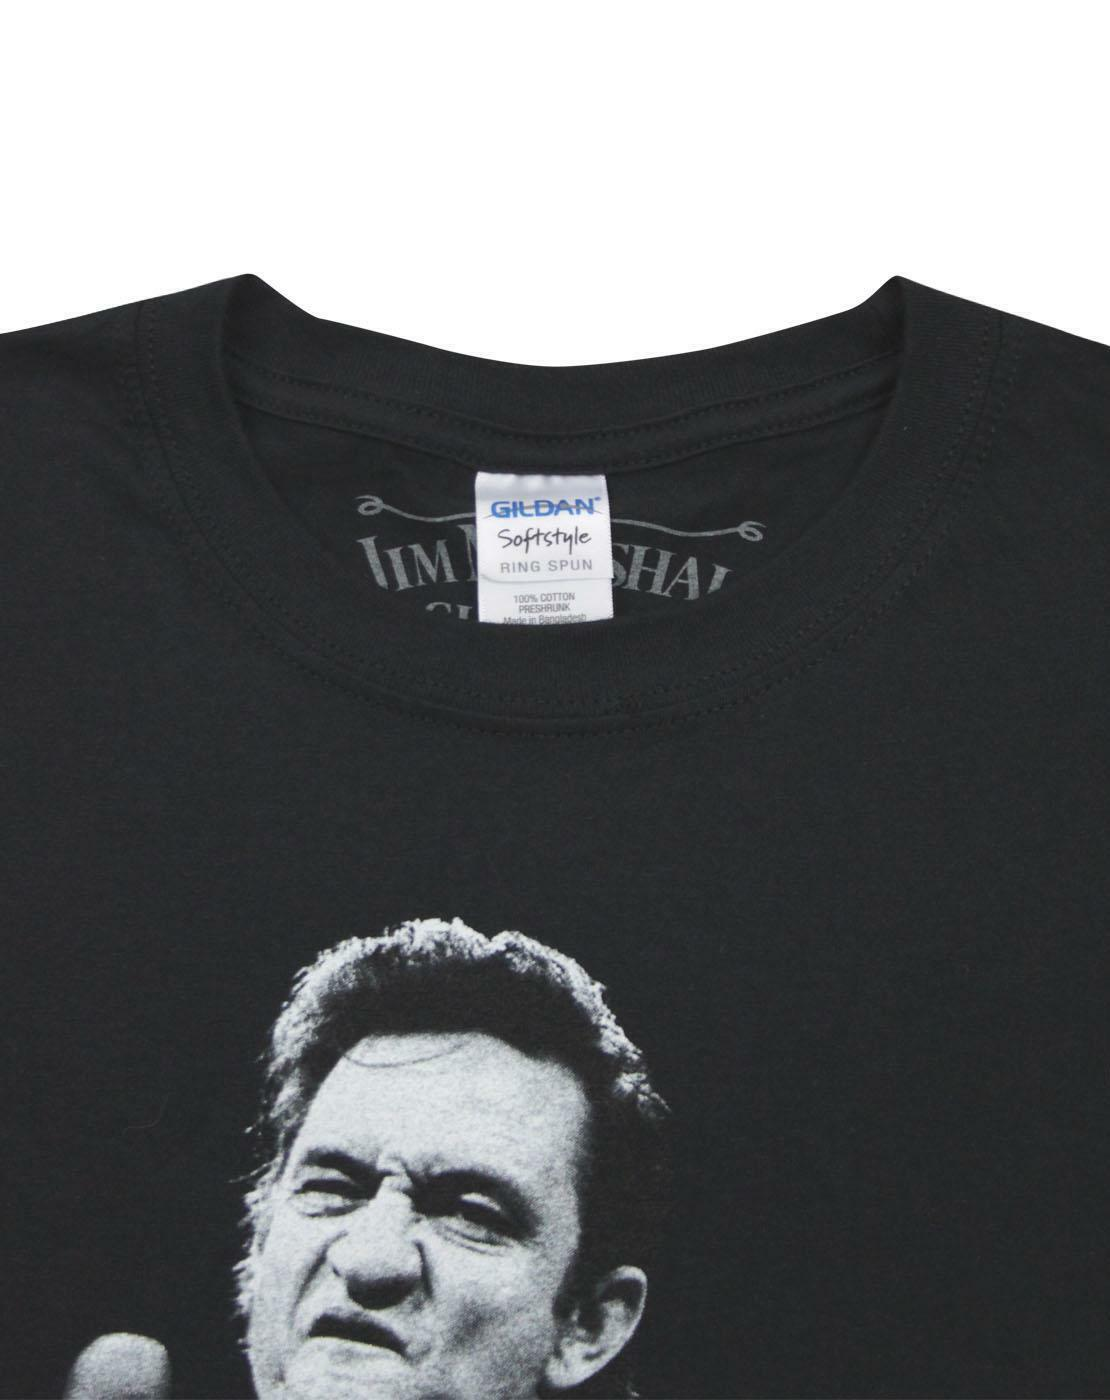 Johnny Cash singer-songwriter legend mens T-shirt all sizes